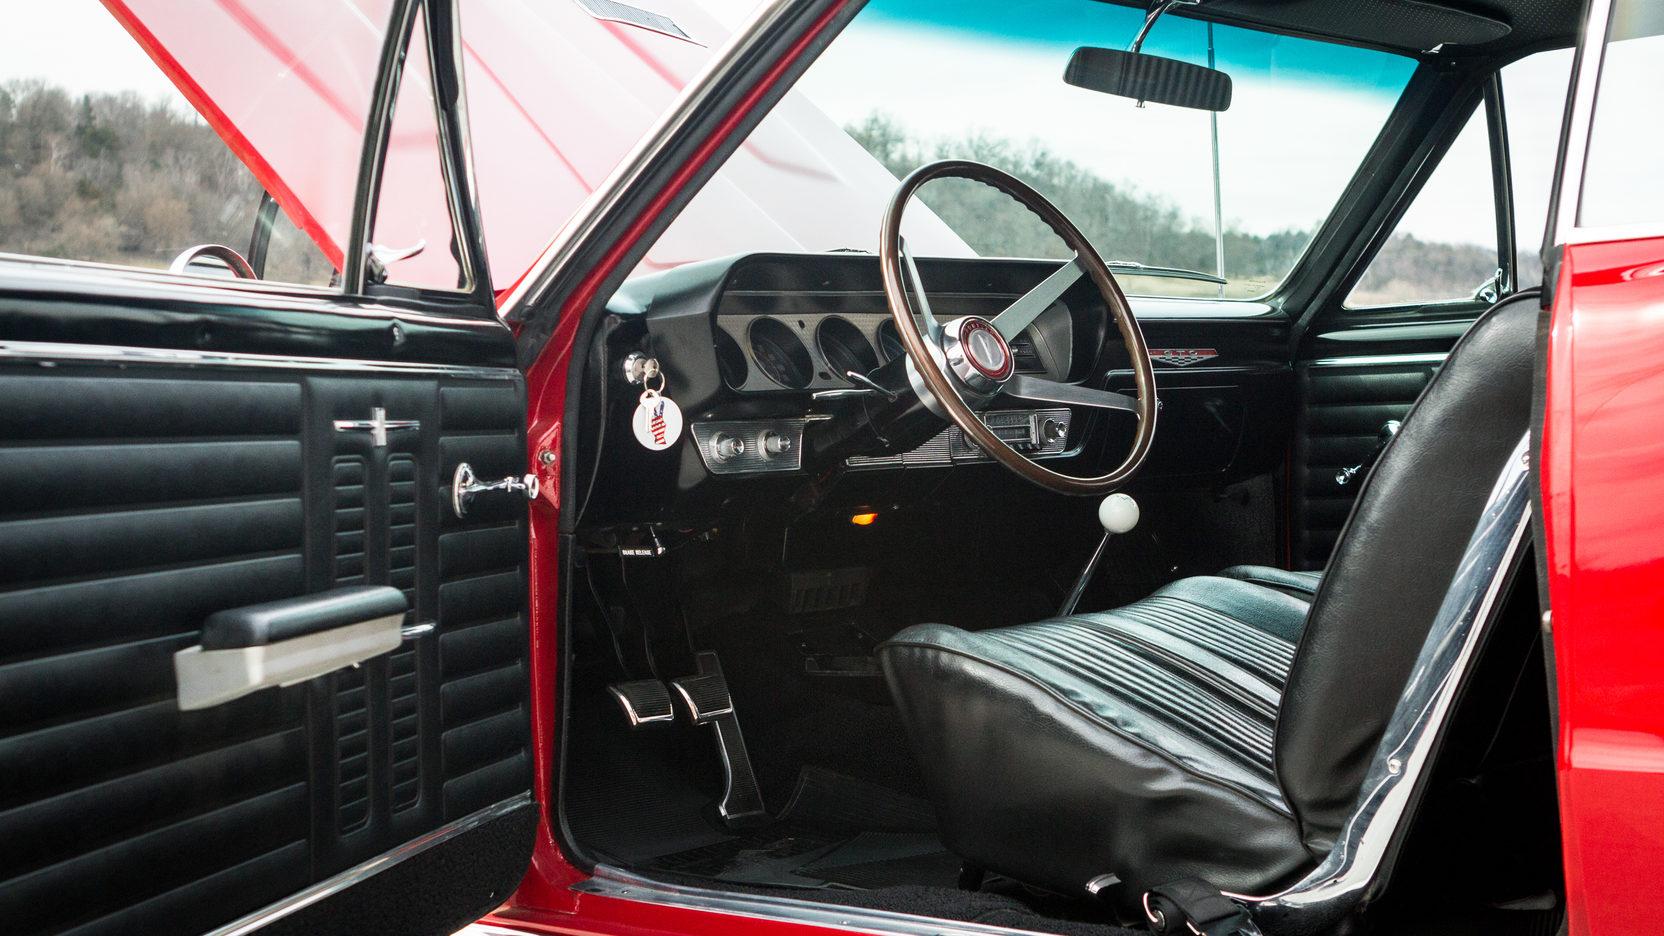 1964 Pontiac LeMans GTO interior